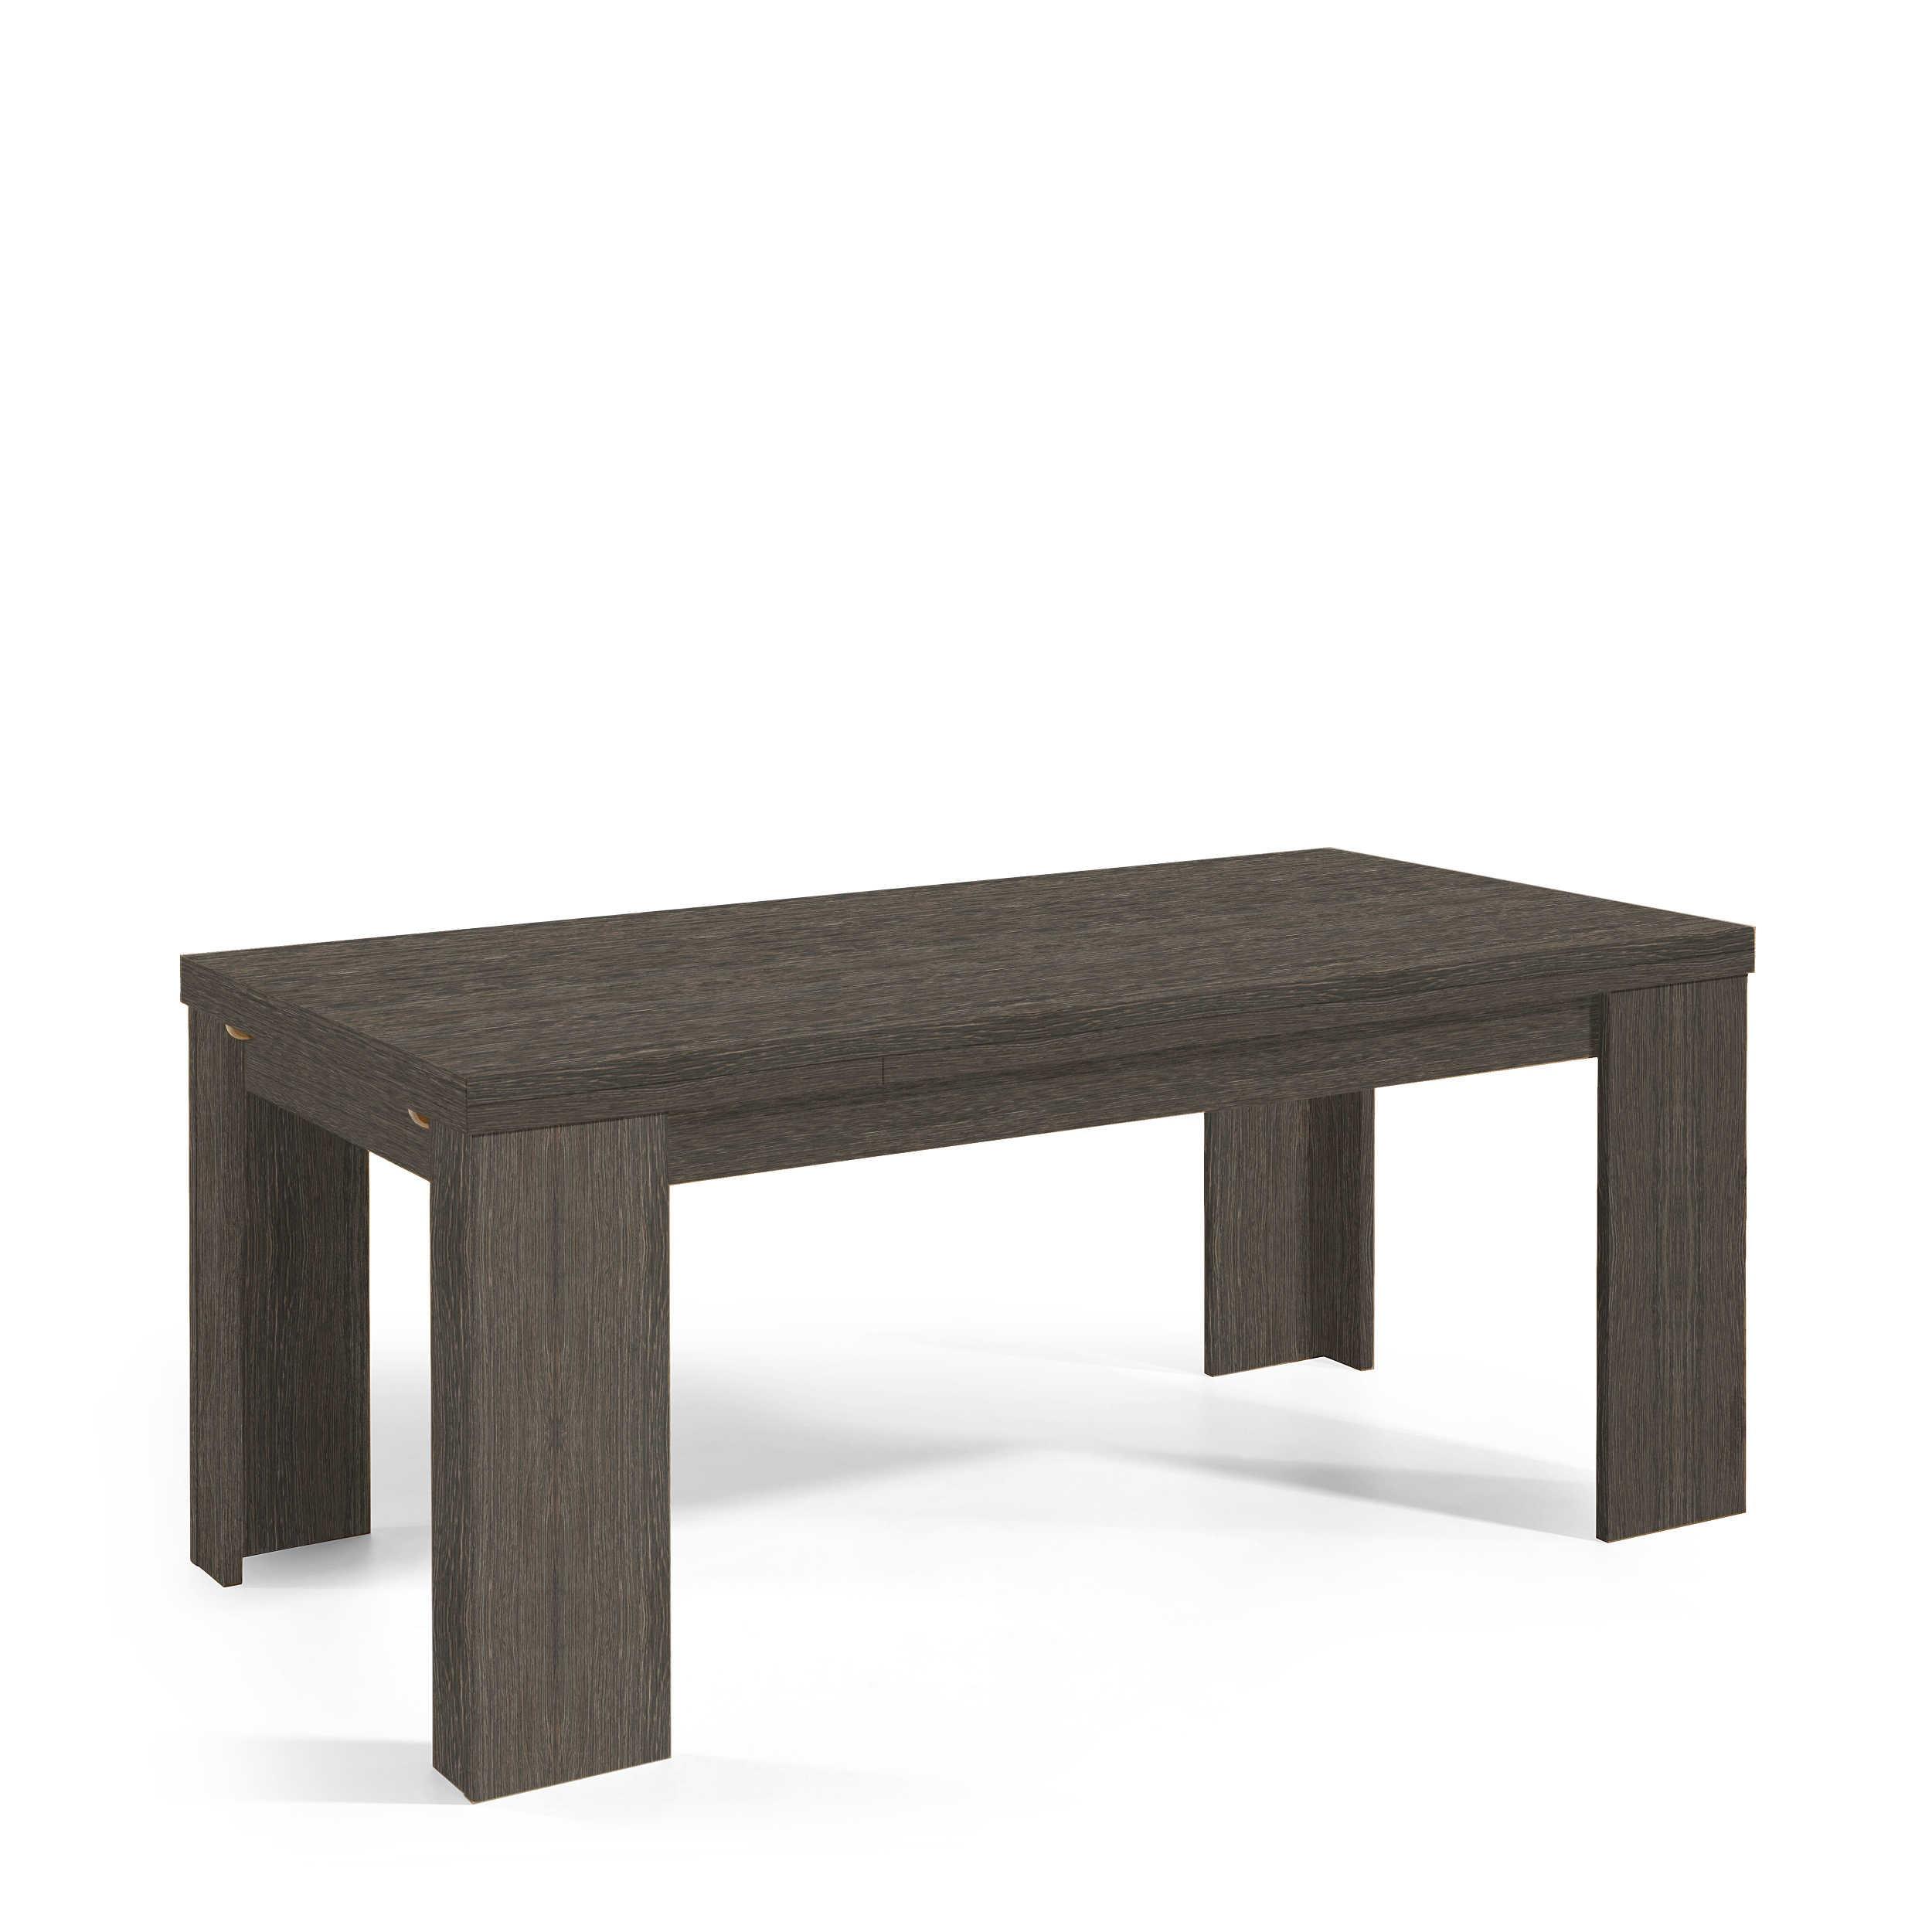 m usbacher esstisch mit auszug roma 180 280 x 90 cm eiche holzoptik online kaufen bei woonio. Black Bedroom Furniture Sets. Home Design Ideas